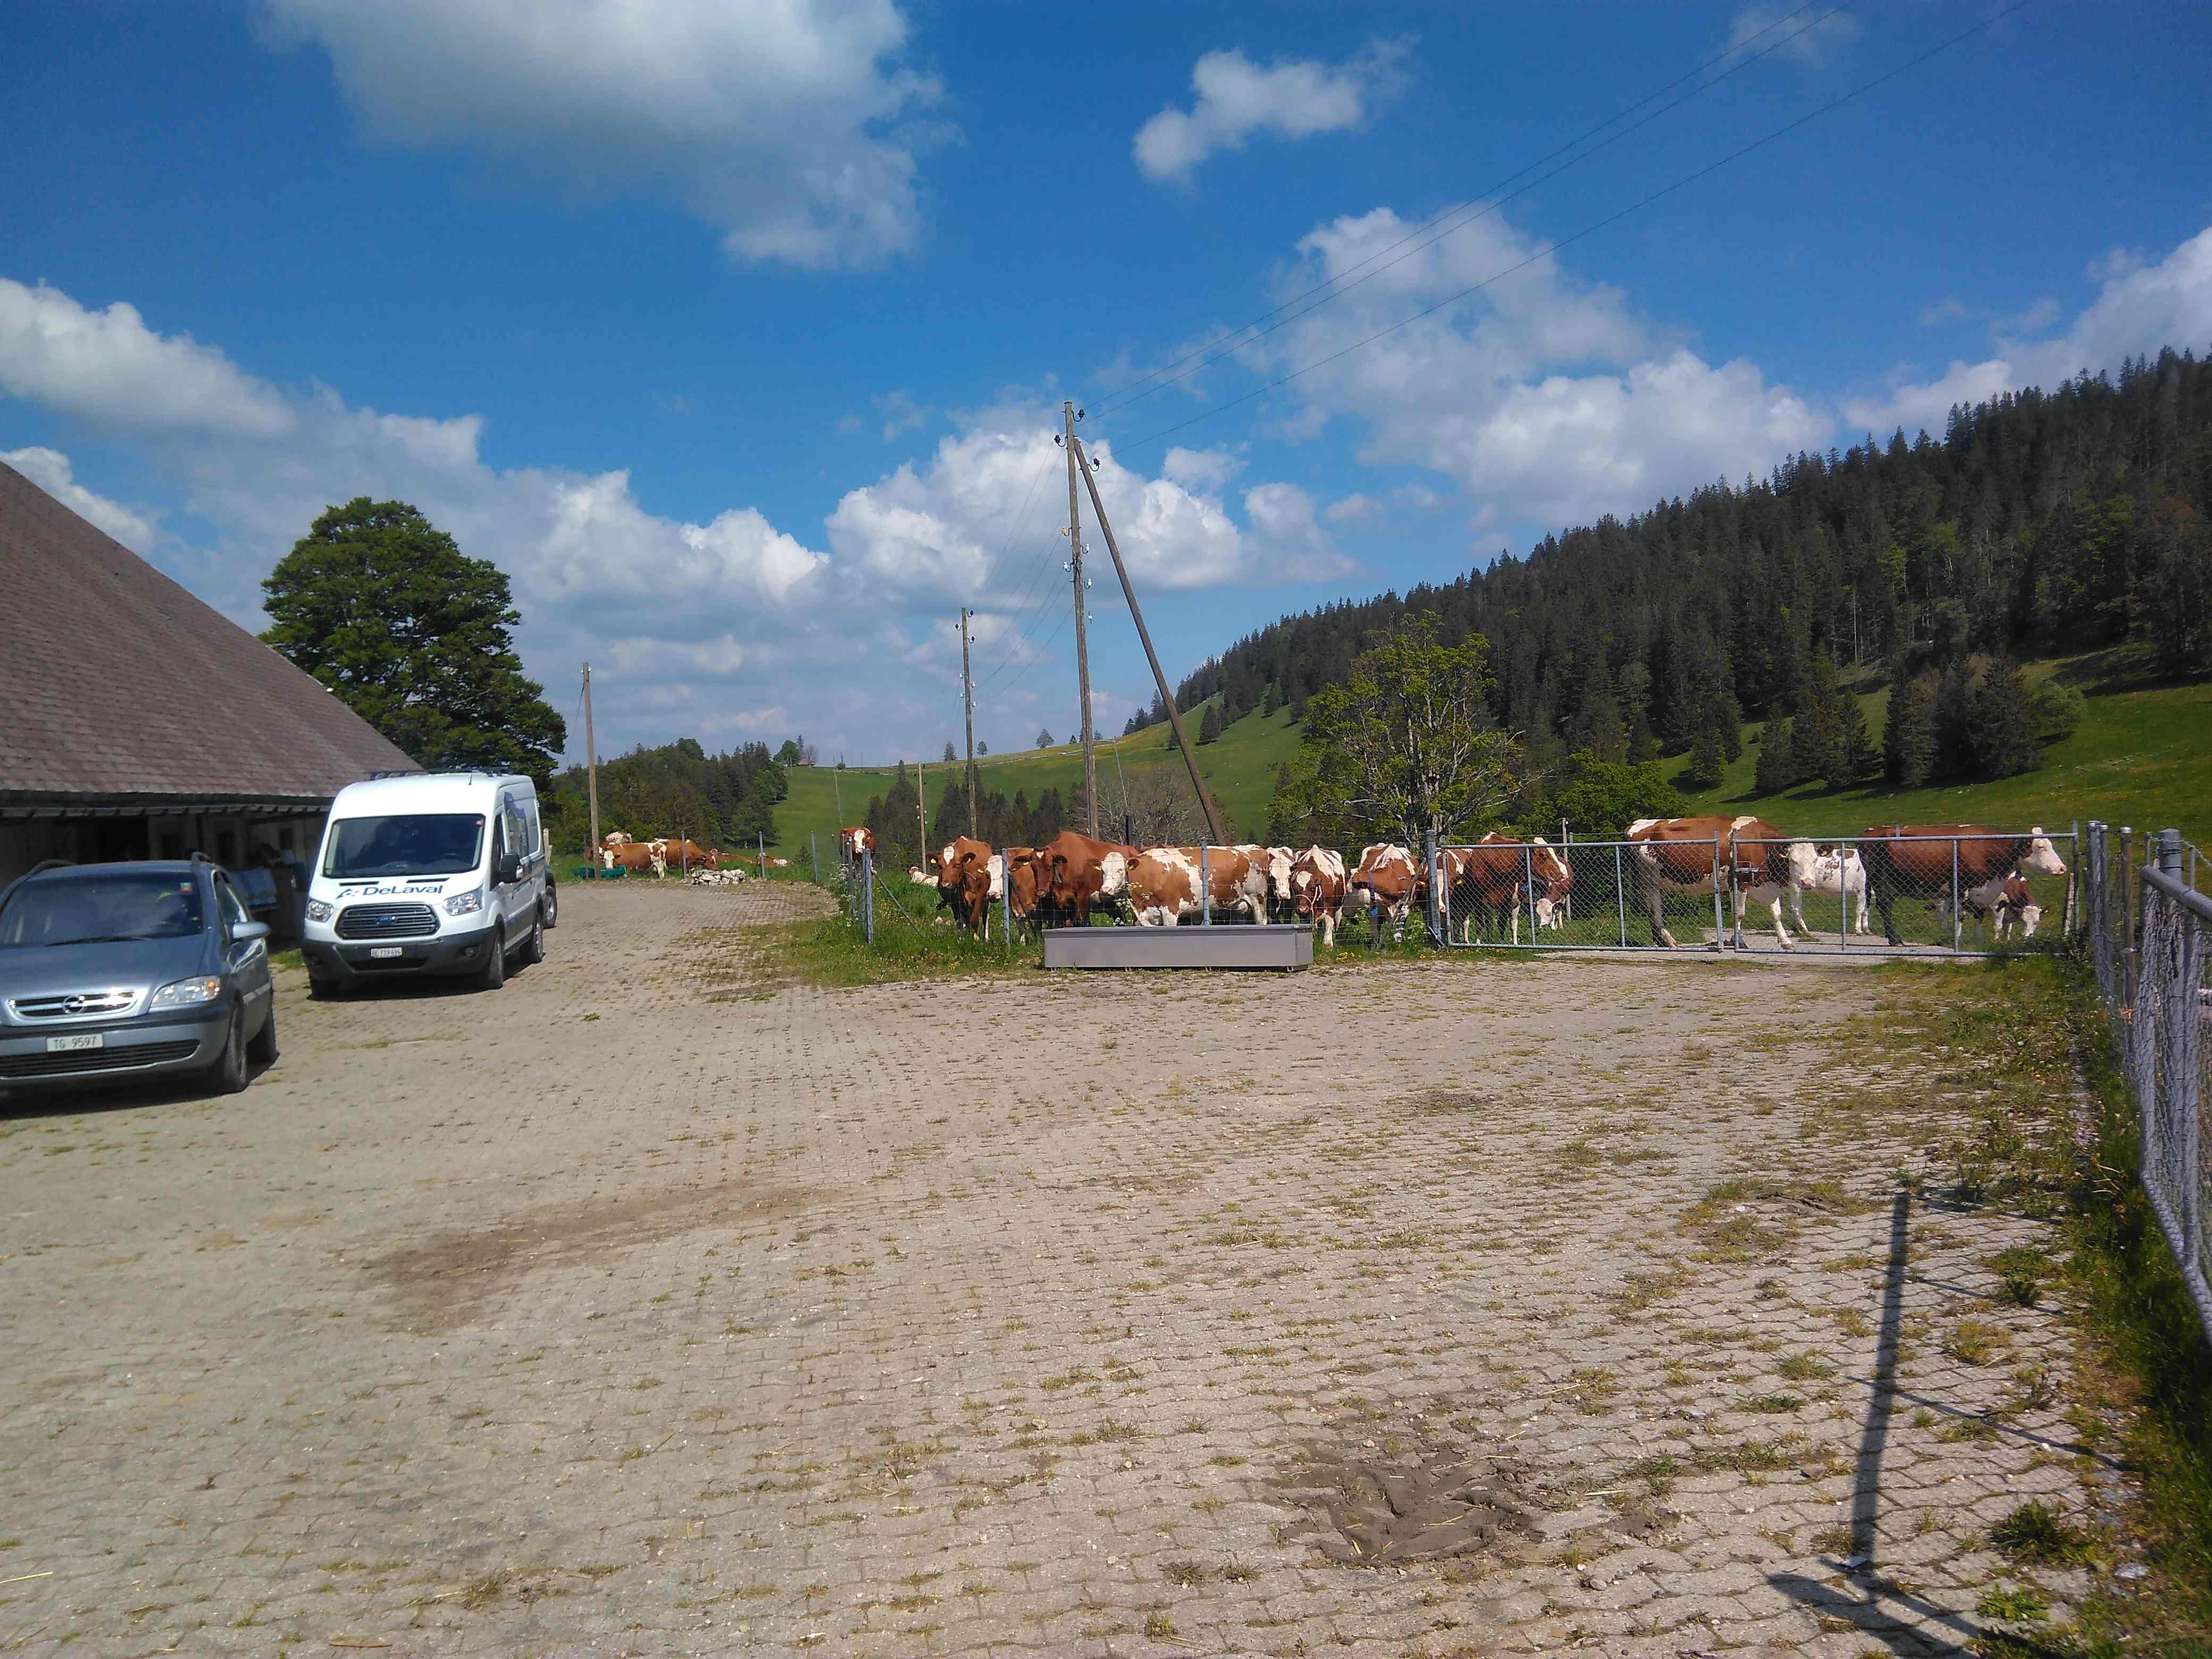 Die 38 Milchkühe warten am 19. Mai um 15:52 Uhr wann die Servicetechniker die Melkmaschine fertig installiert haben